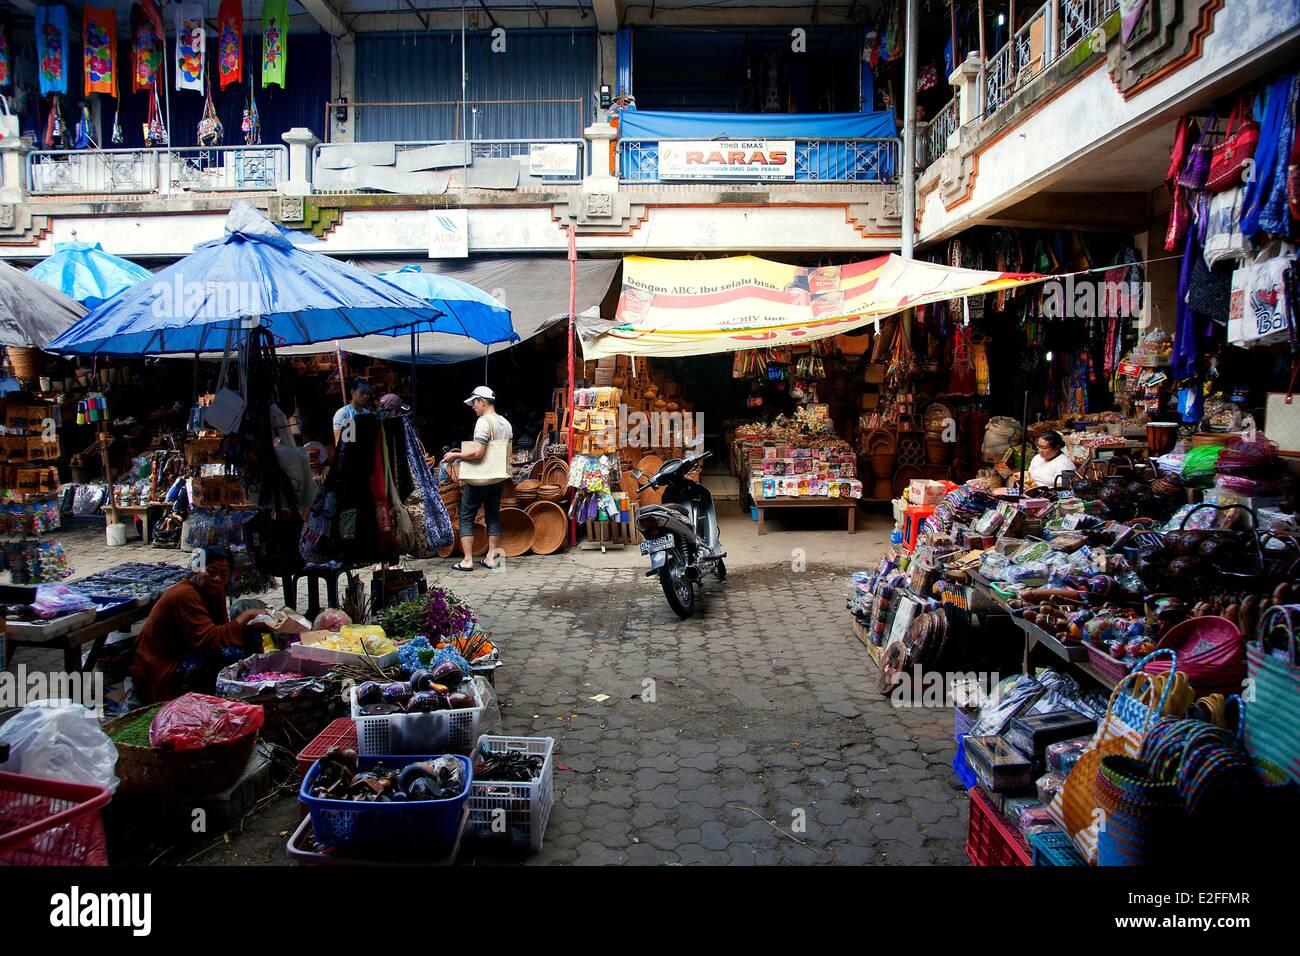 Indonesia, Bali, Ubud, Pasar Seni, the craft market - Stock Image